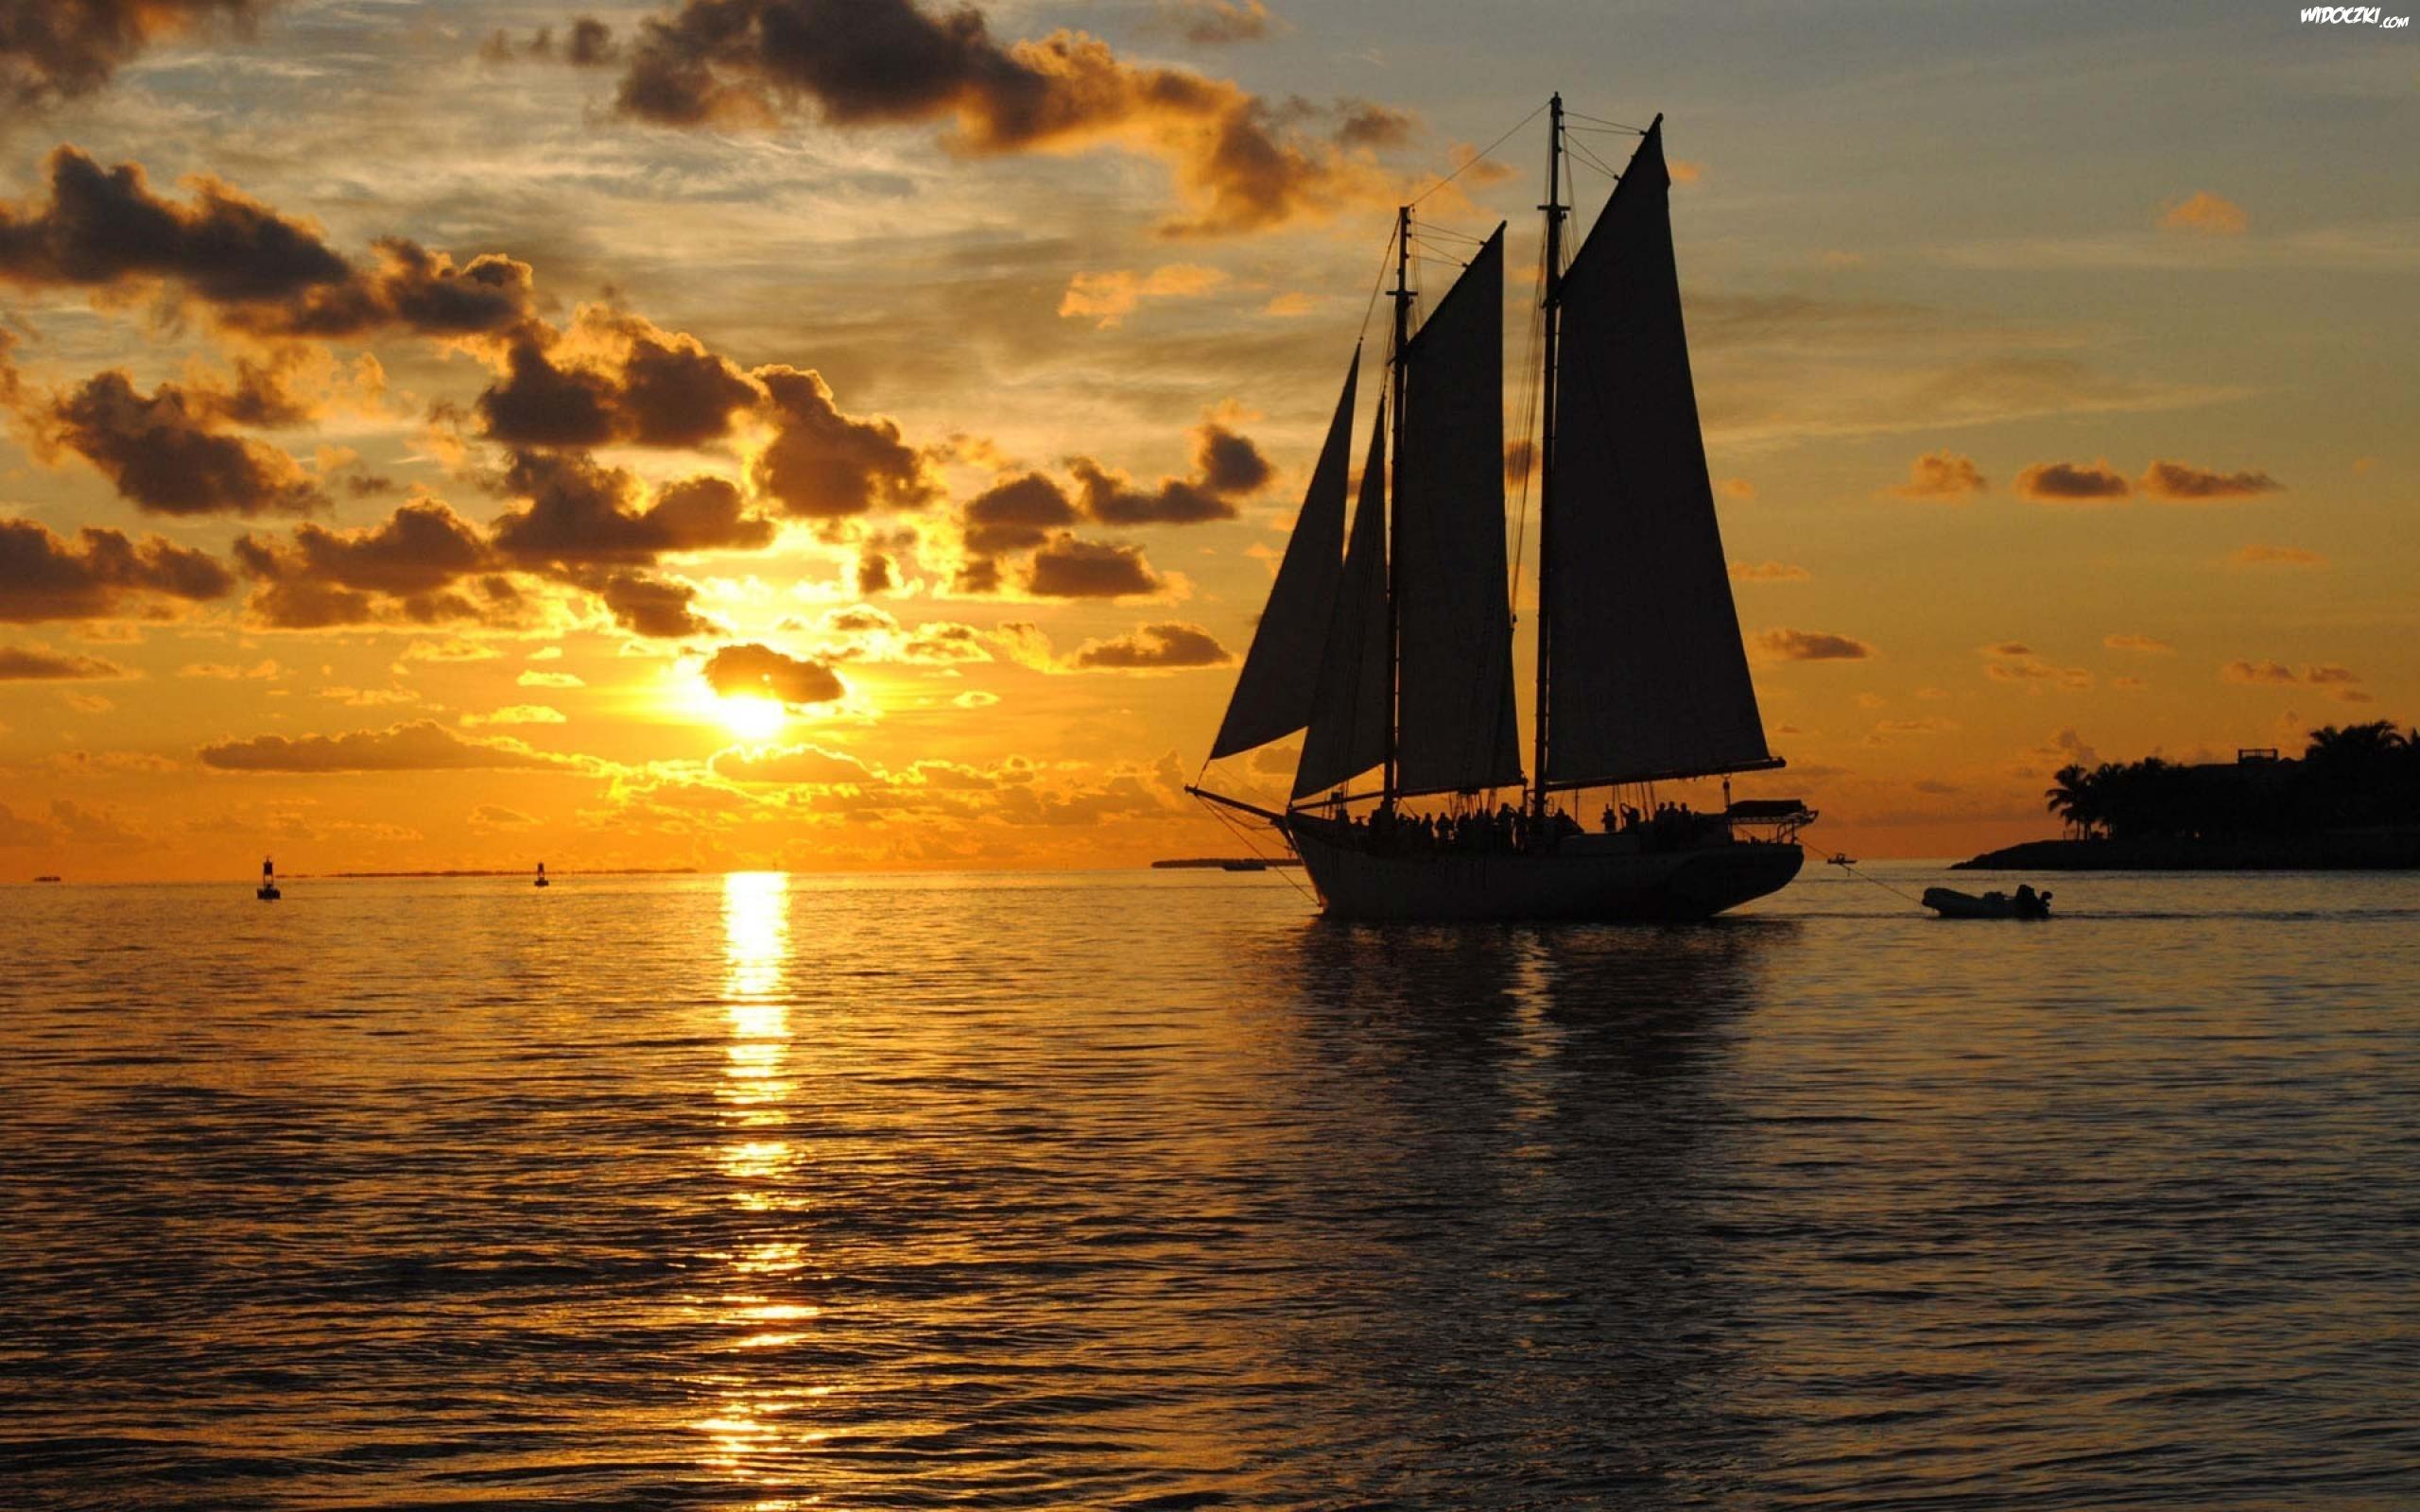 Zach 243 D Słońca Chmury Morze Żaglowiec